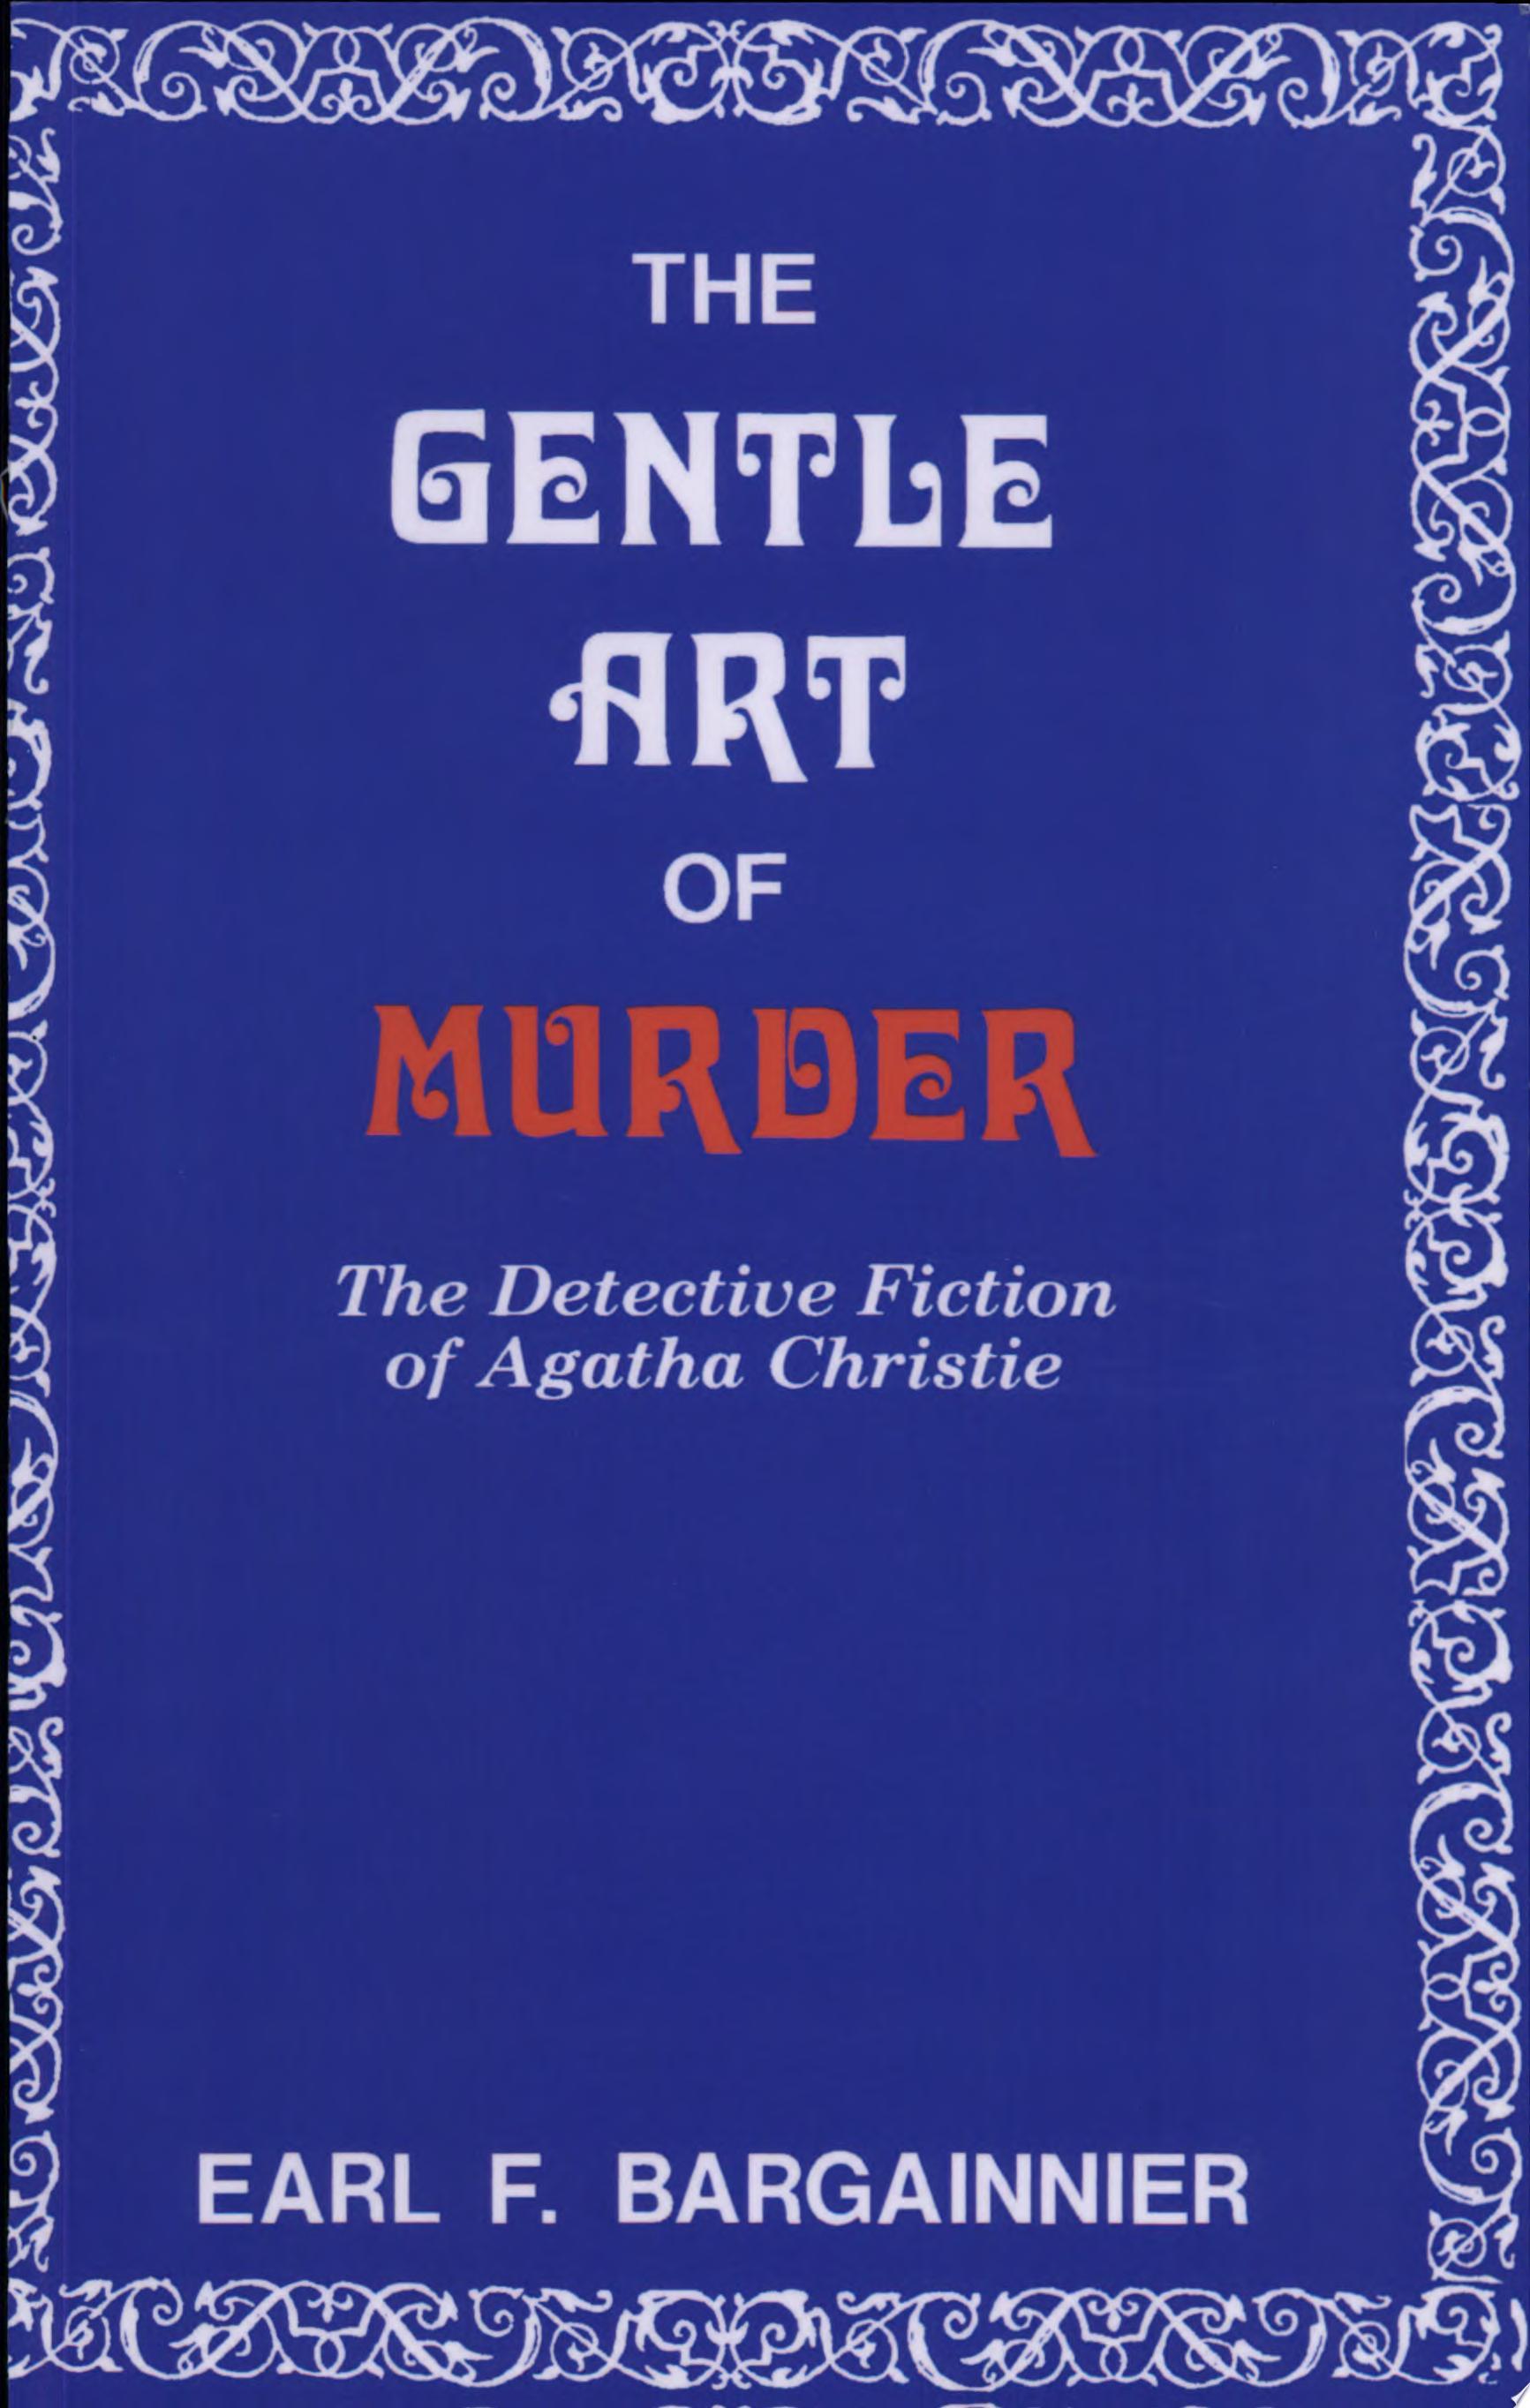 The Gentle Art of Murder